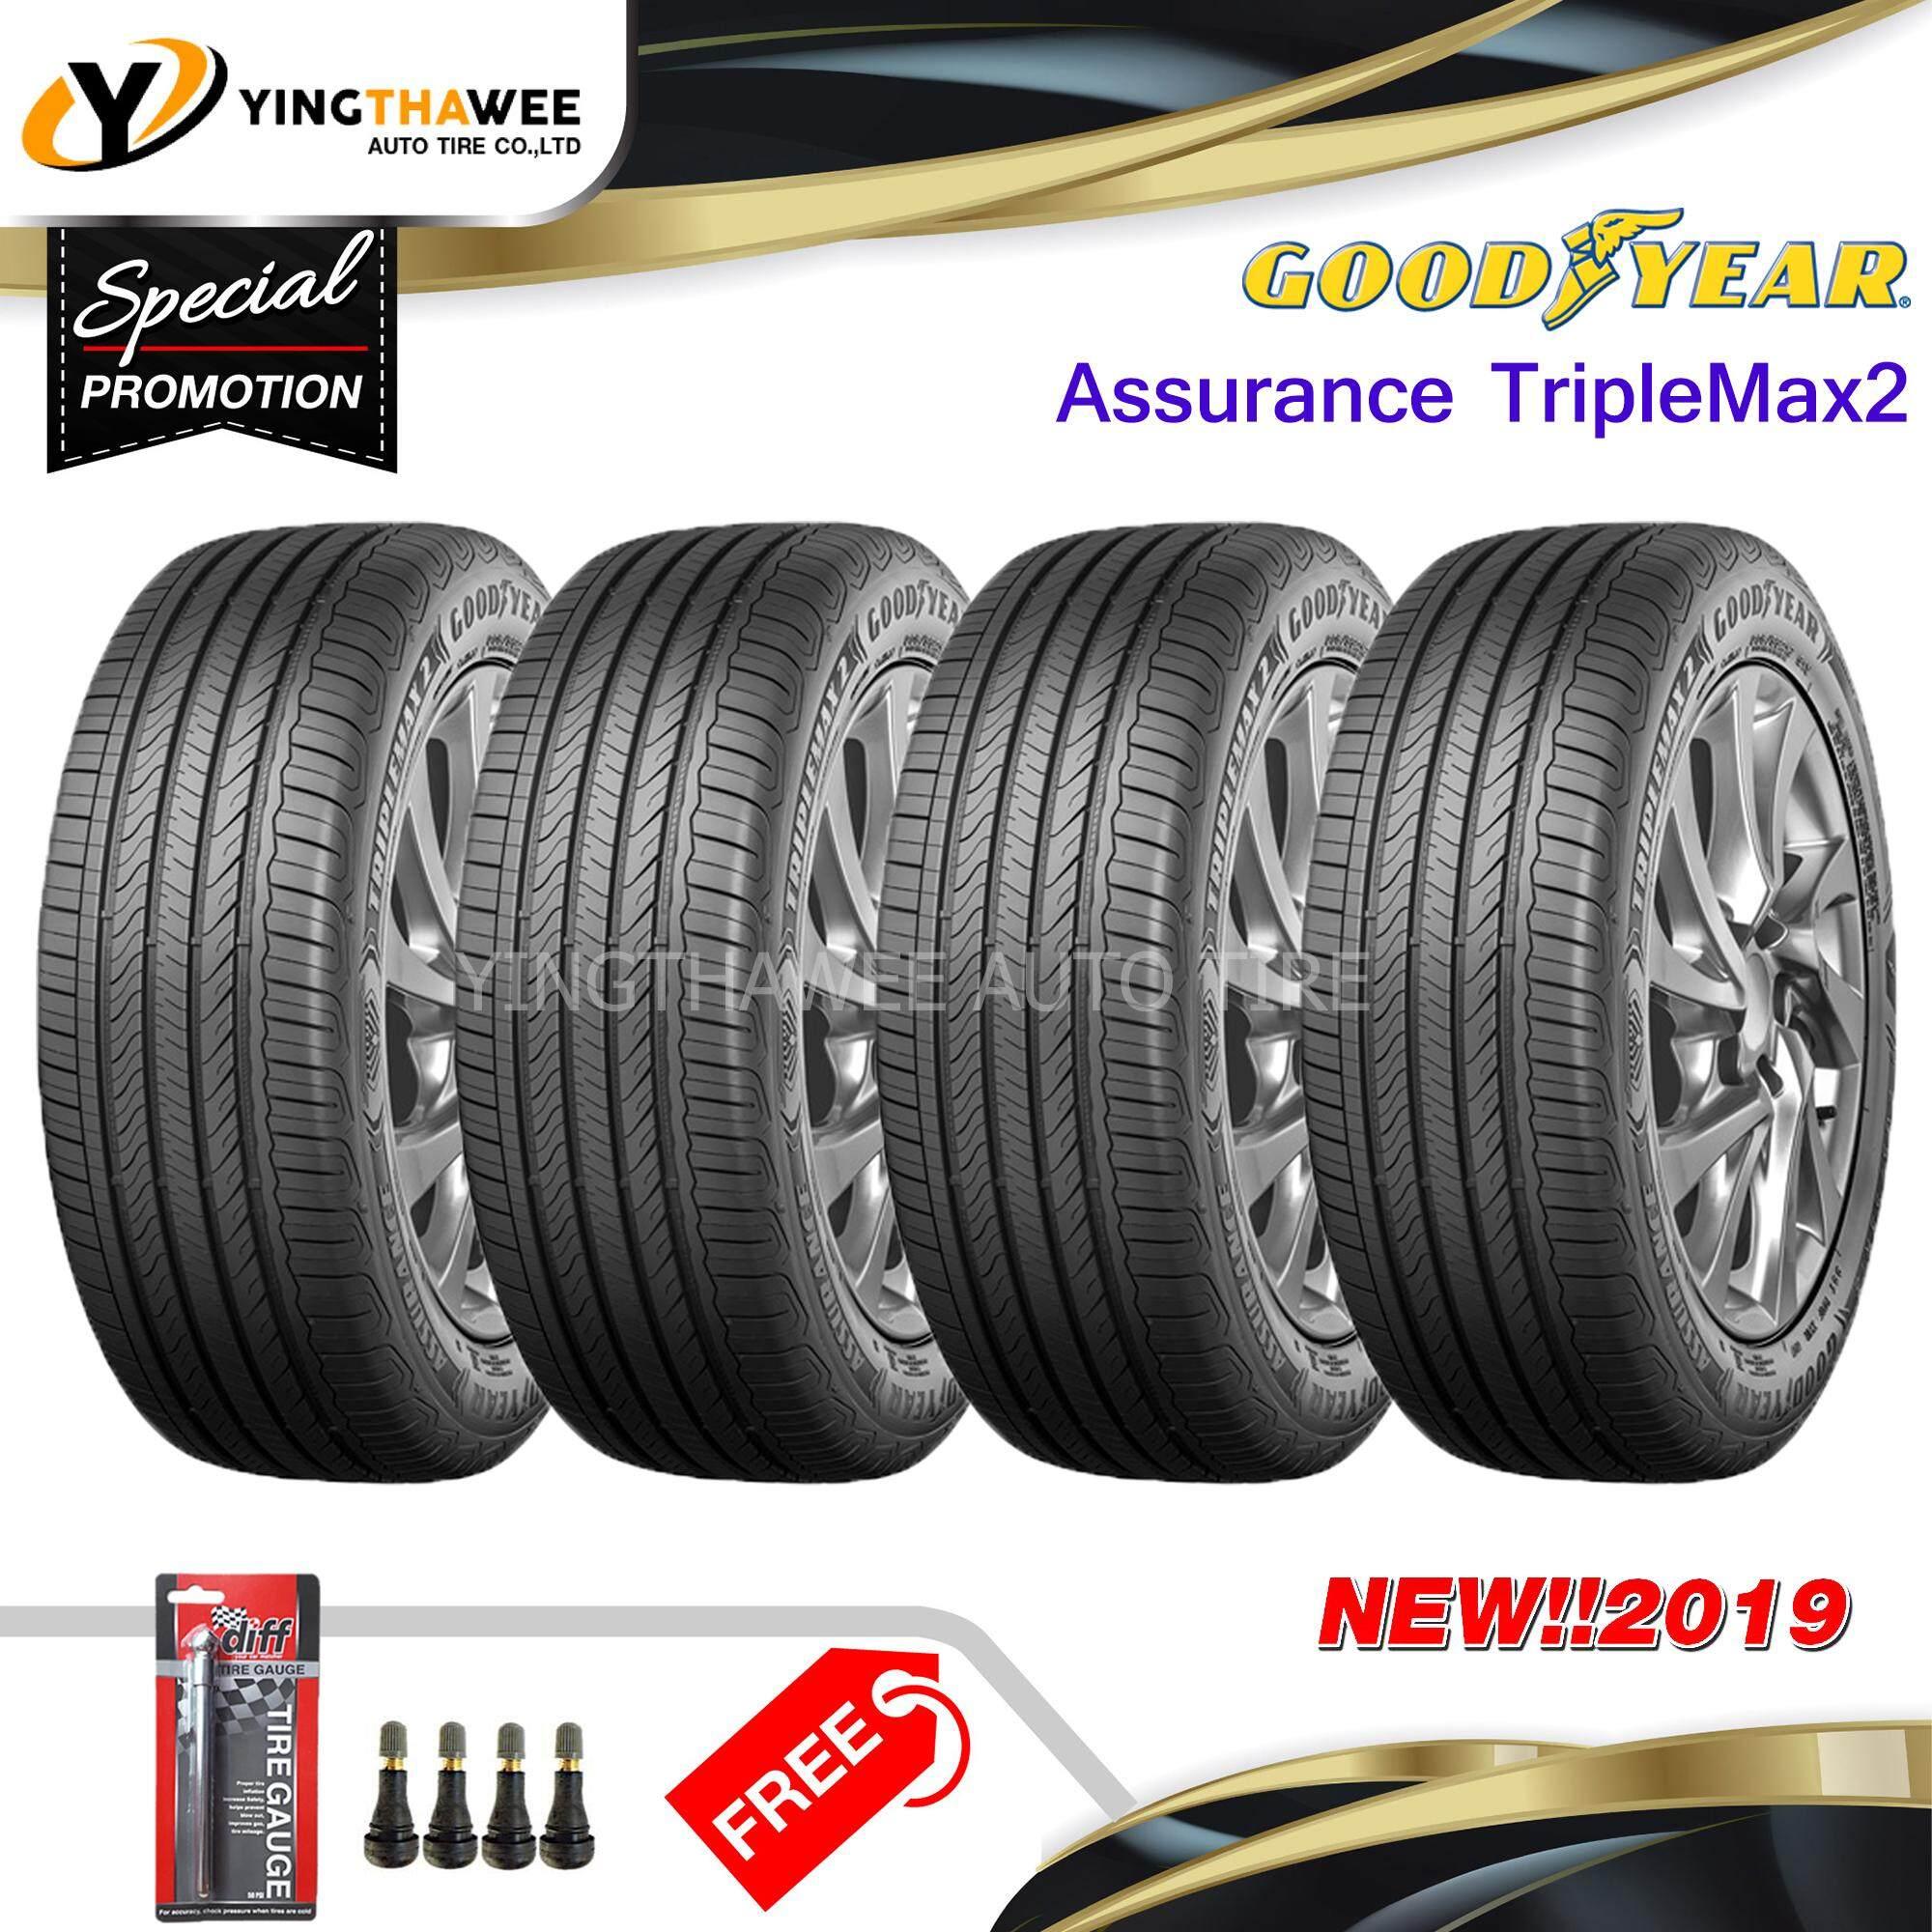 เชียงราย GOODYEAR ยางรถยนต์ 185/65R15 รุ่น ASSURANCE TRIPLEMAX2  4 เส้น (ปี 2019) แถมจุ๊บลมยางหัวทองเหลือง 4 ตัว + เกจวัดลมยาง 1 ตัว